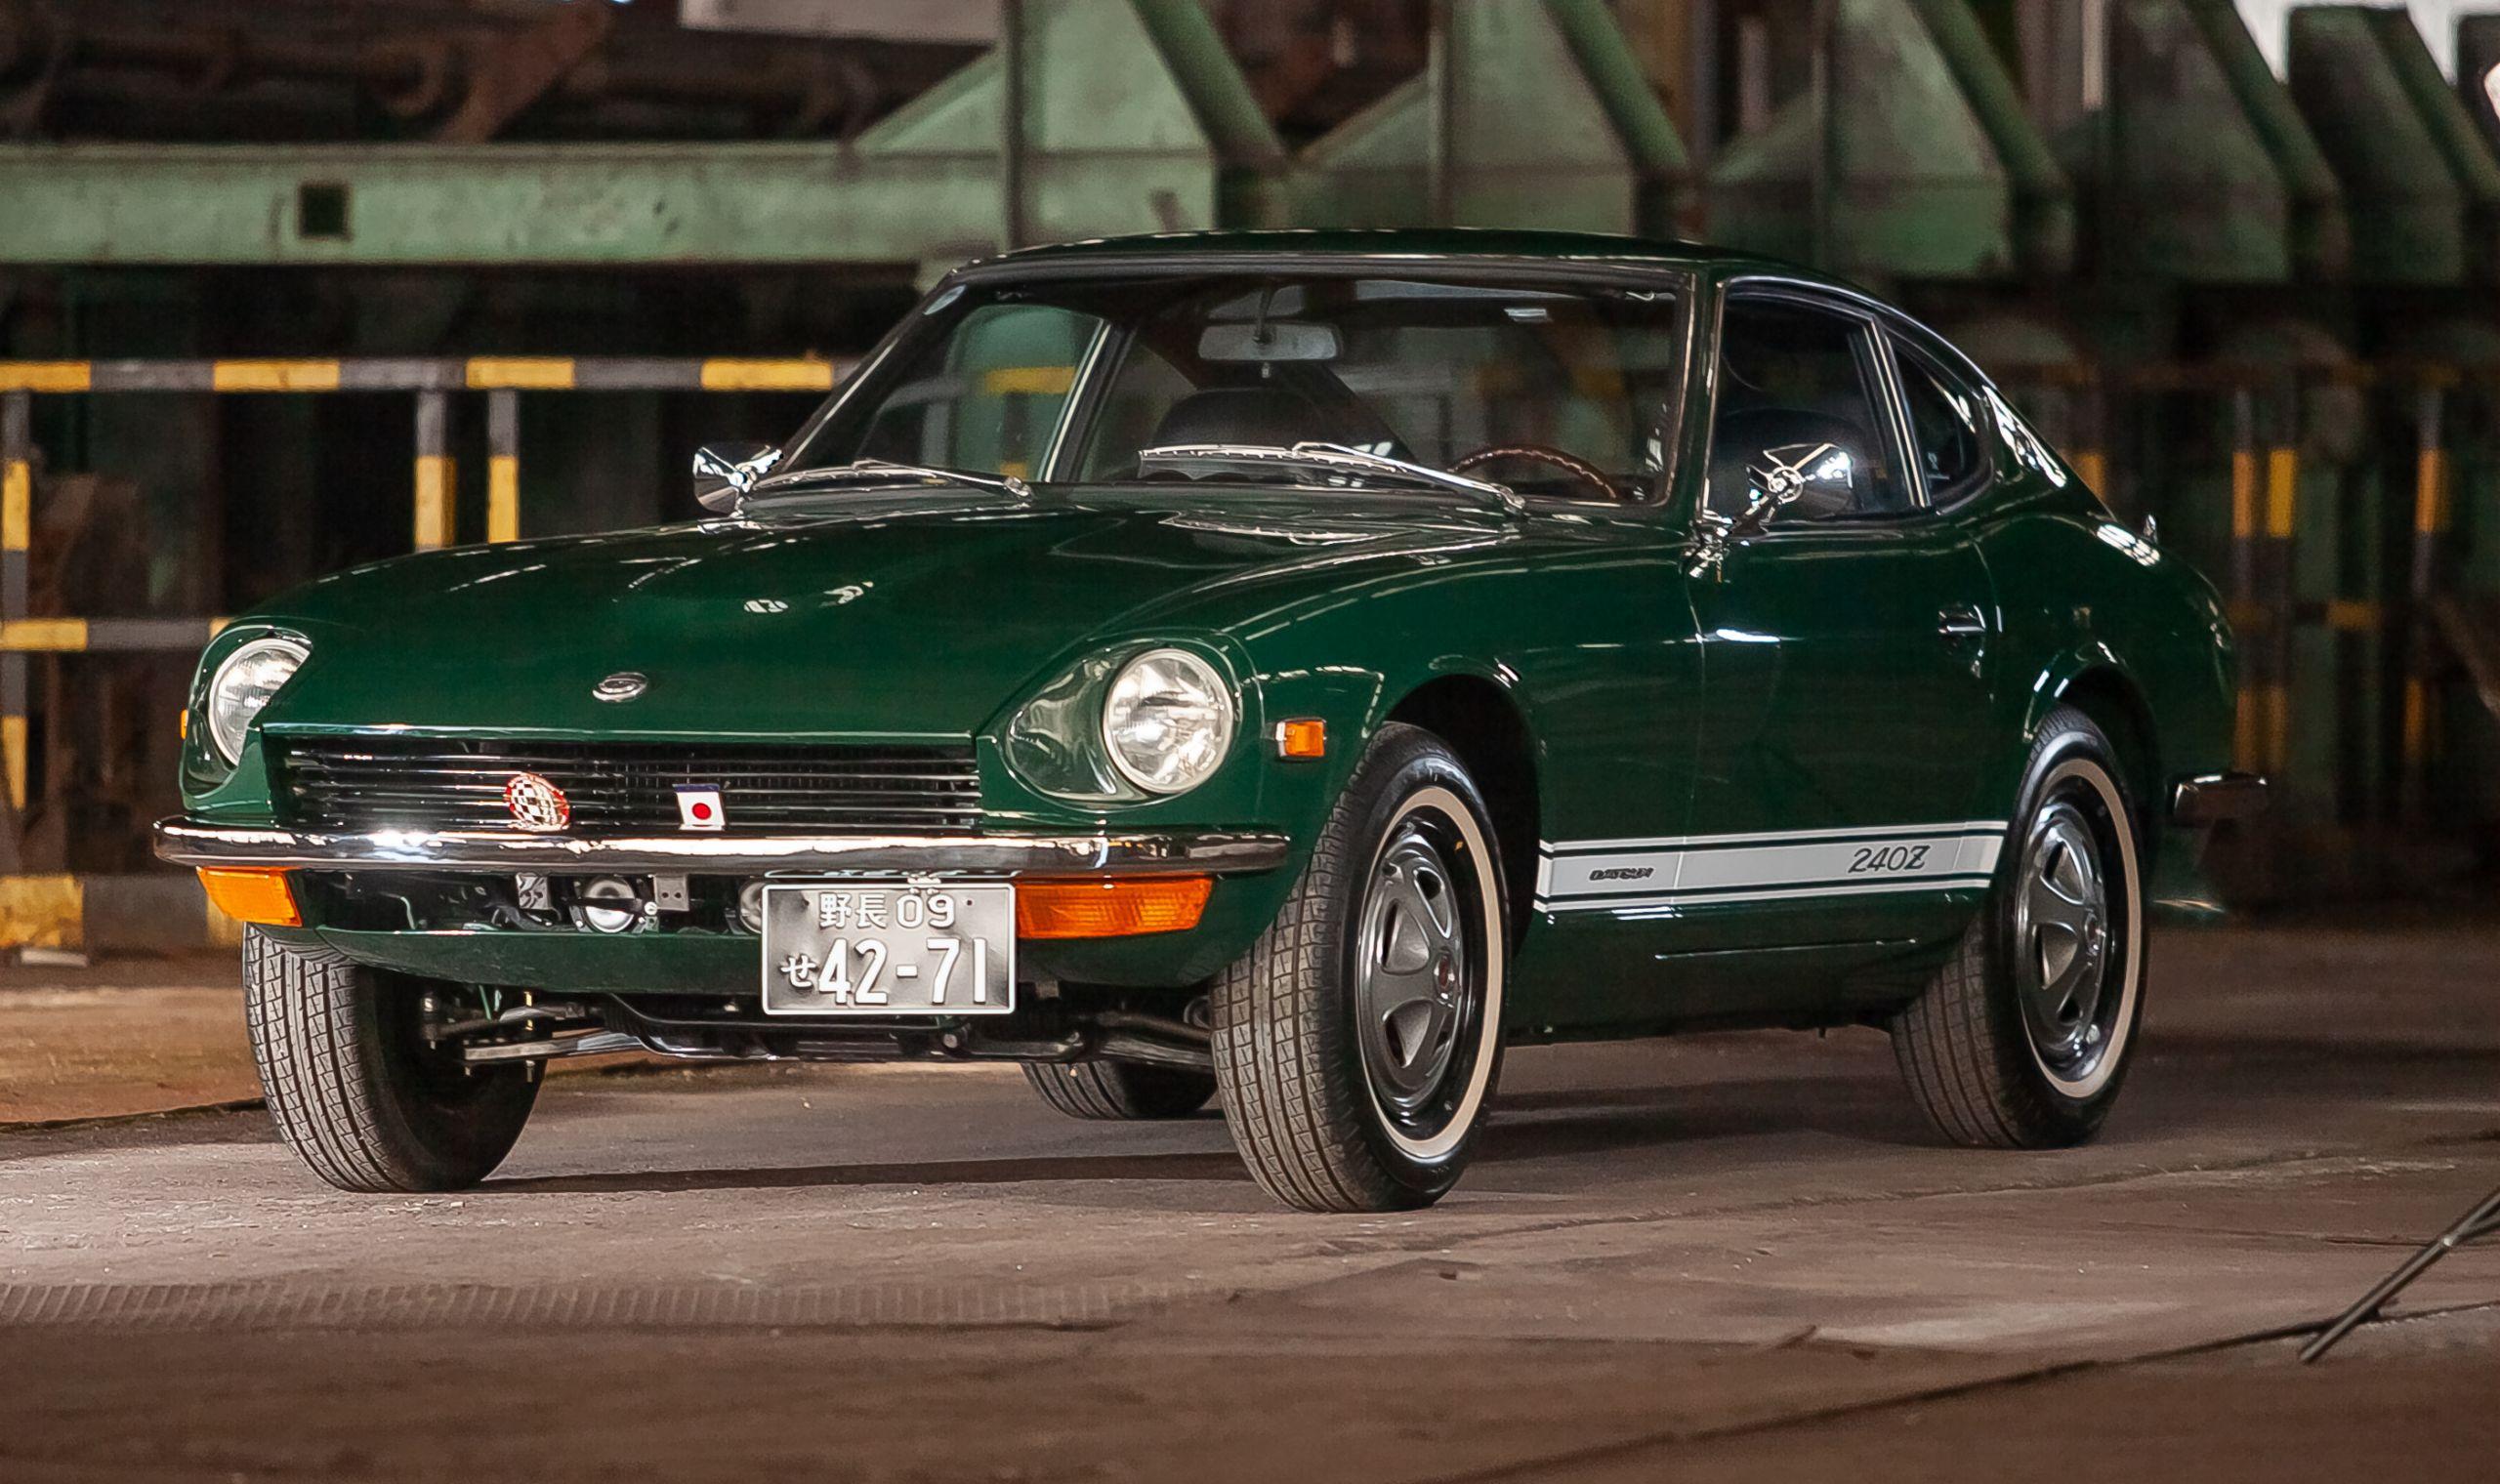 1972 Datsun 240z zu verkaufen Deutschland